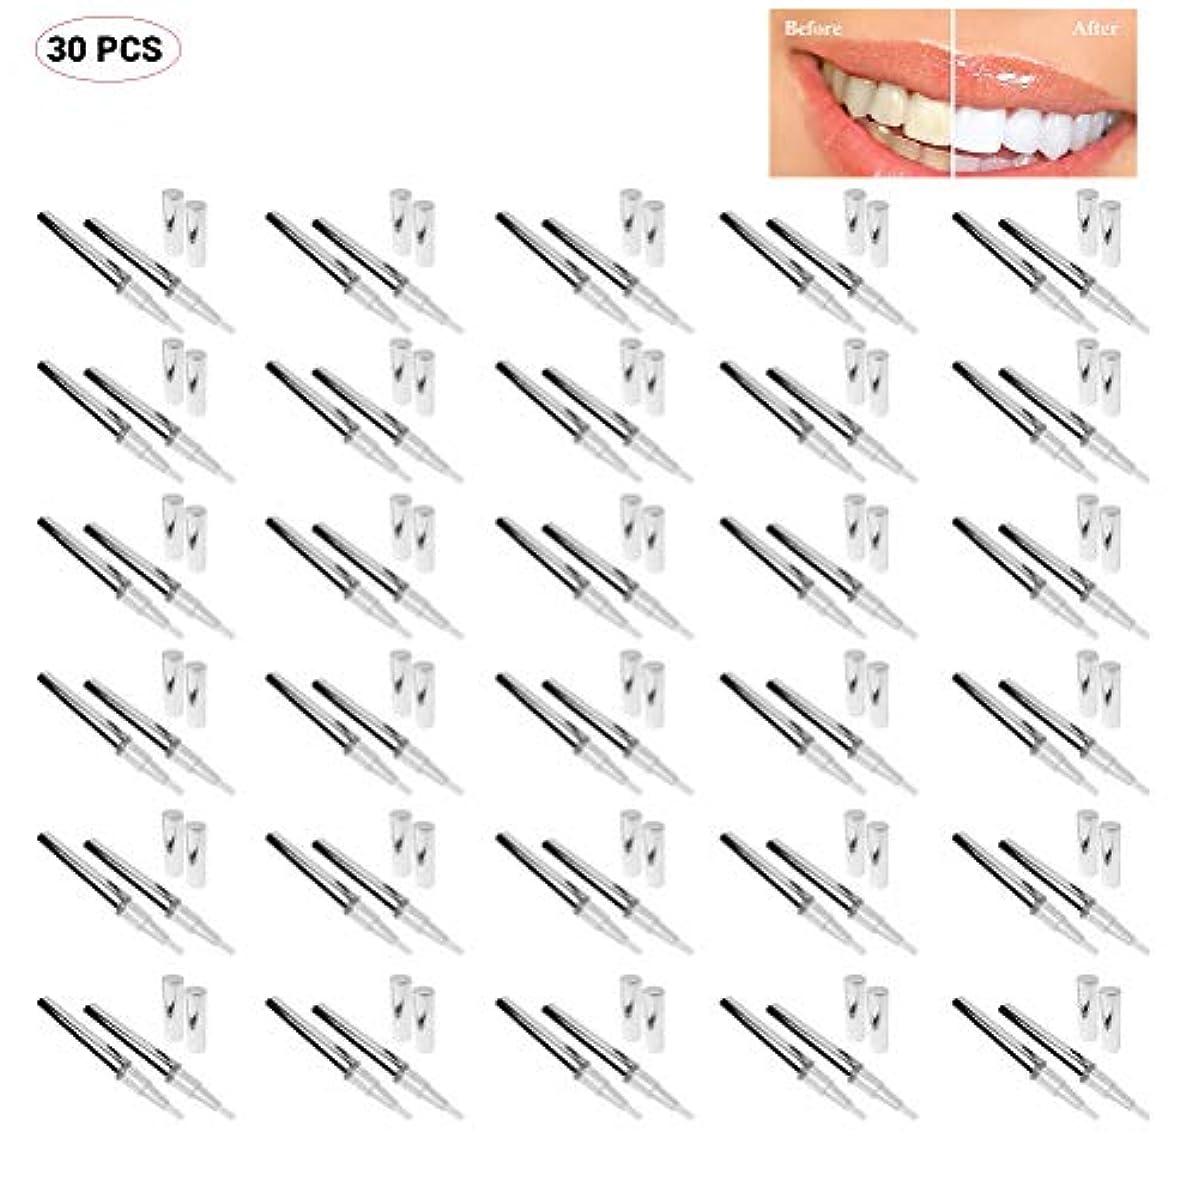 確認する宿題矢じりOurine 歯の消しゴム ホワイトニング 美白歯ゲル 美人歯 白い歯 歯を白くする 輝く笑顔 口臭防止 歯周病防止 エッセンス 30個セット